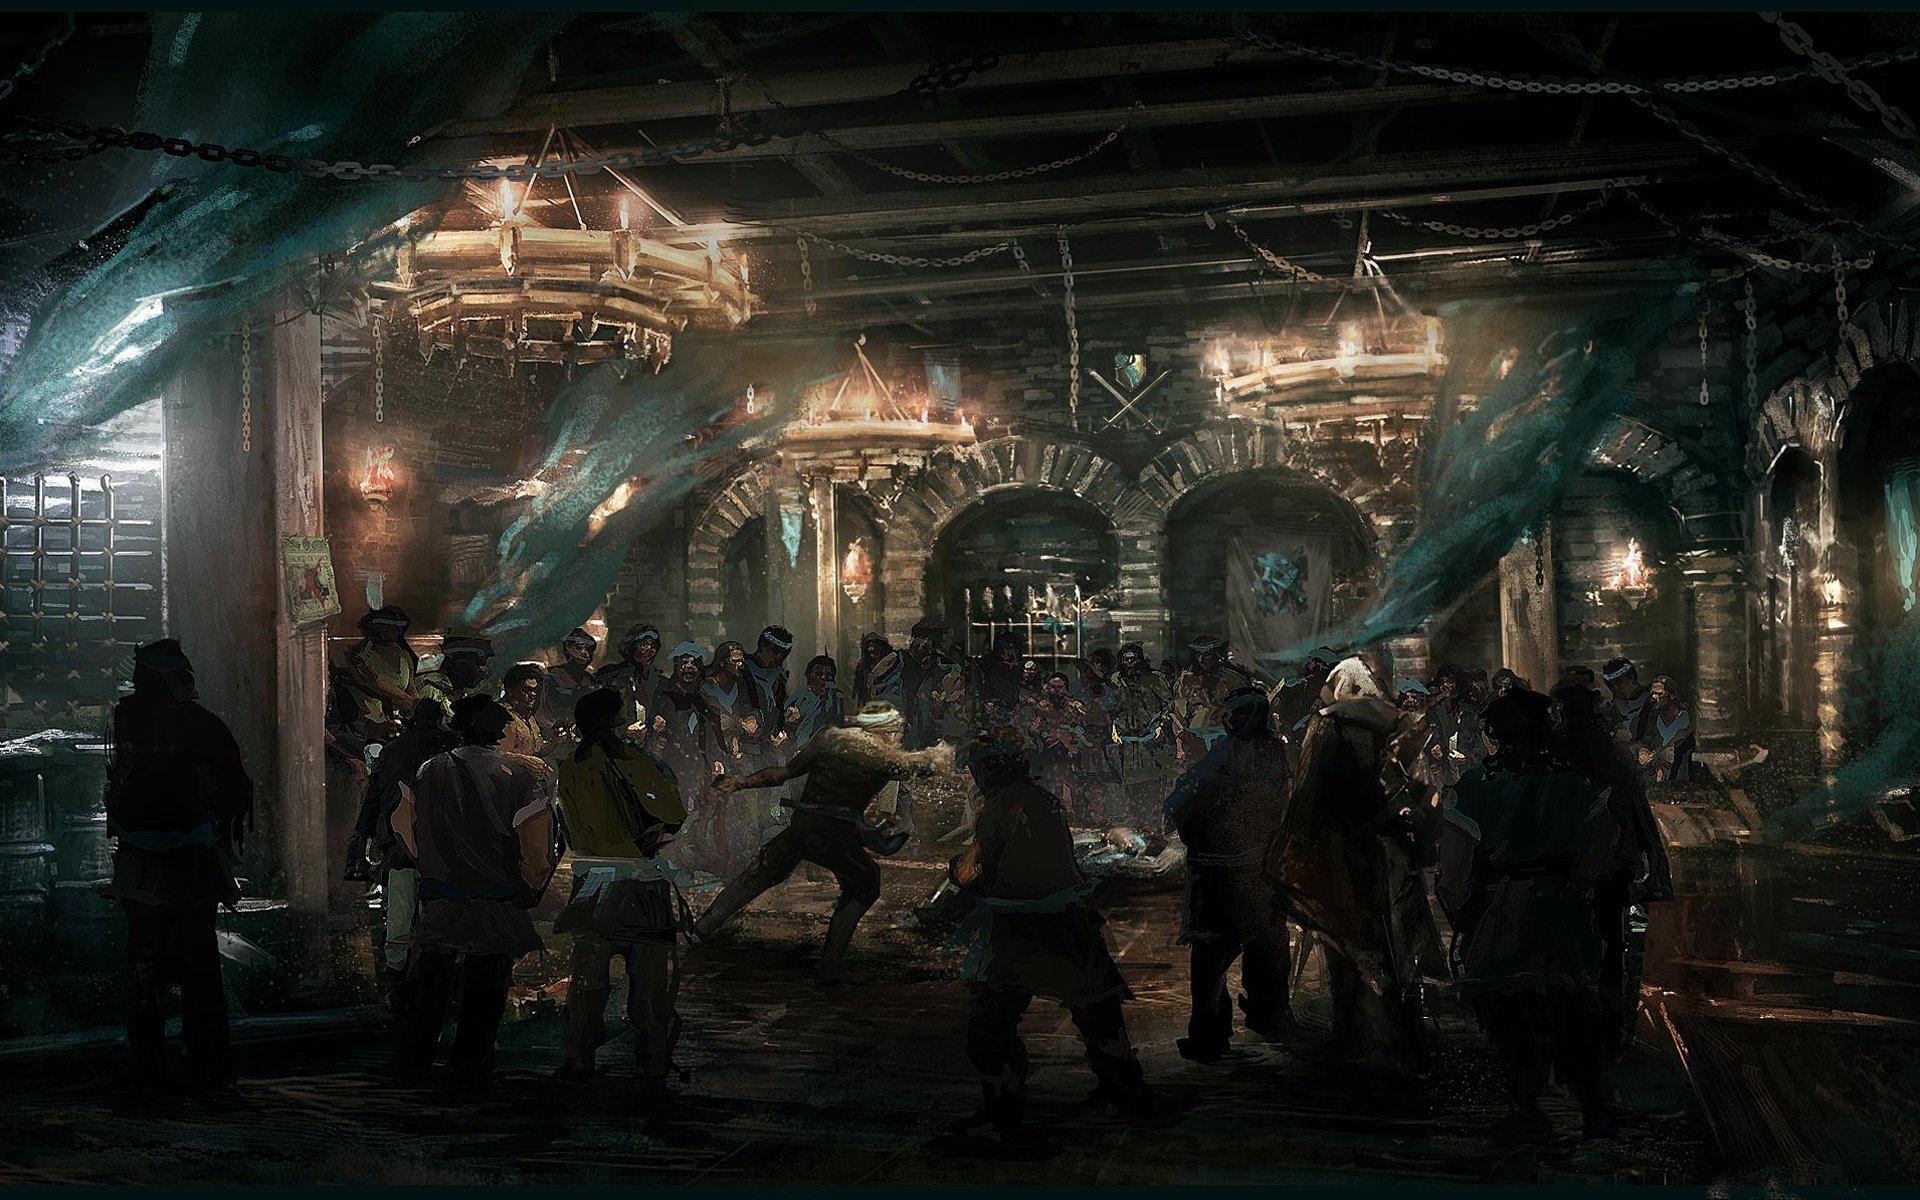 video_games_Assassins_Creed_Assassins_Creed_Brotherhood_artwork_1920x1200.jpg